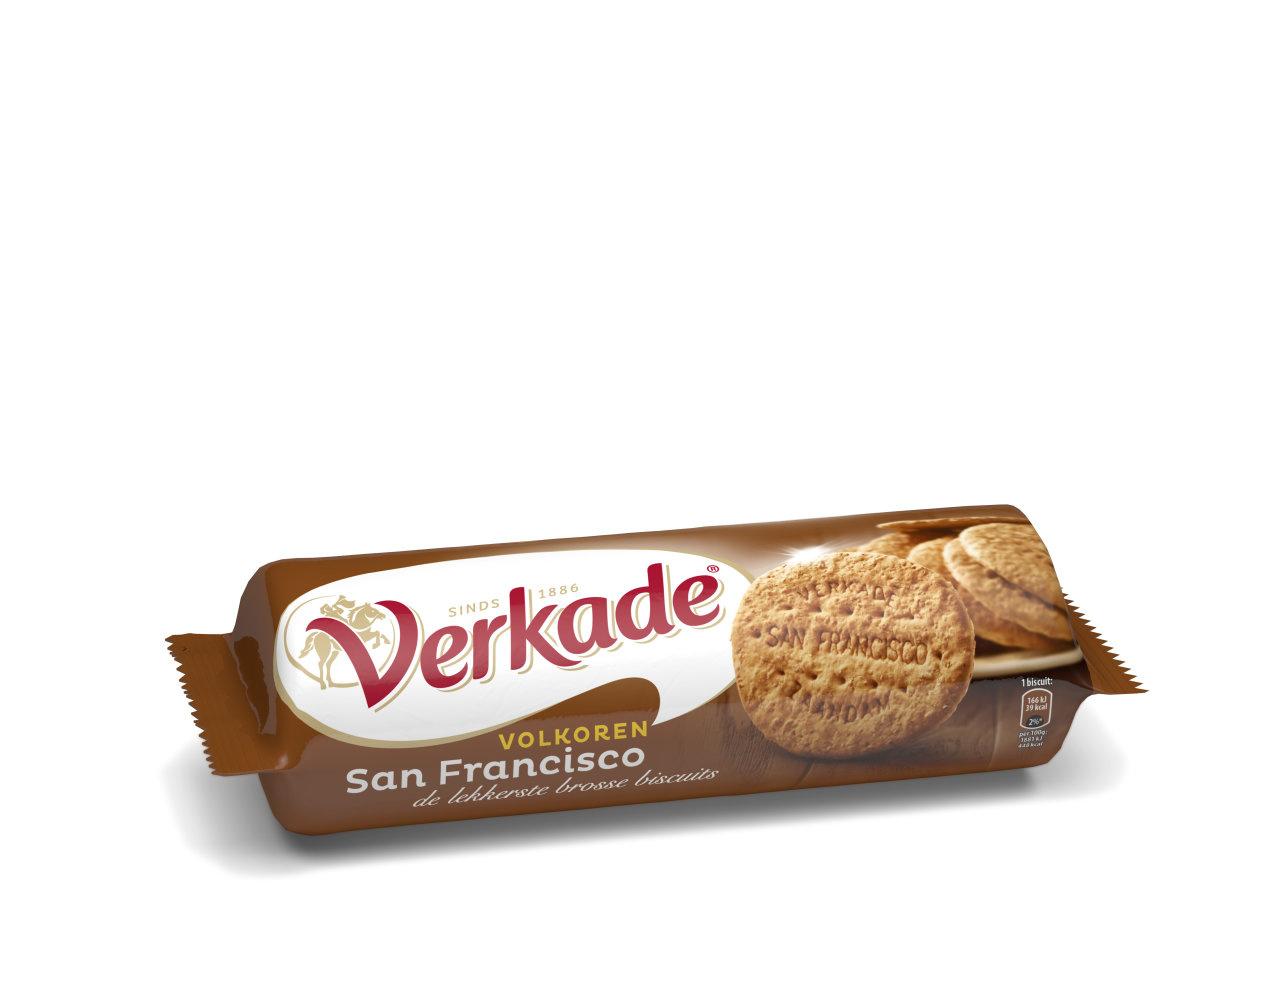 Verkade Verkade - C&C San Francisco 250Gr Volk., 6 Rollen